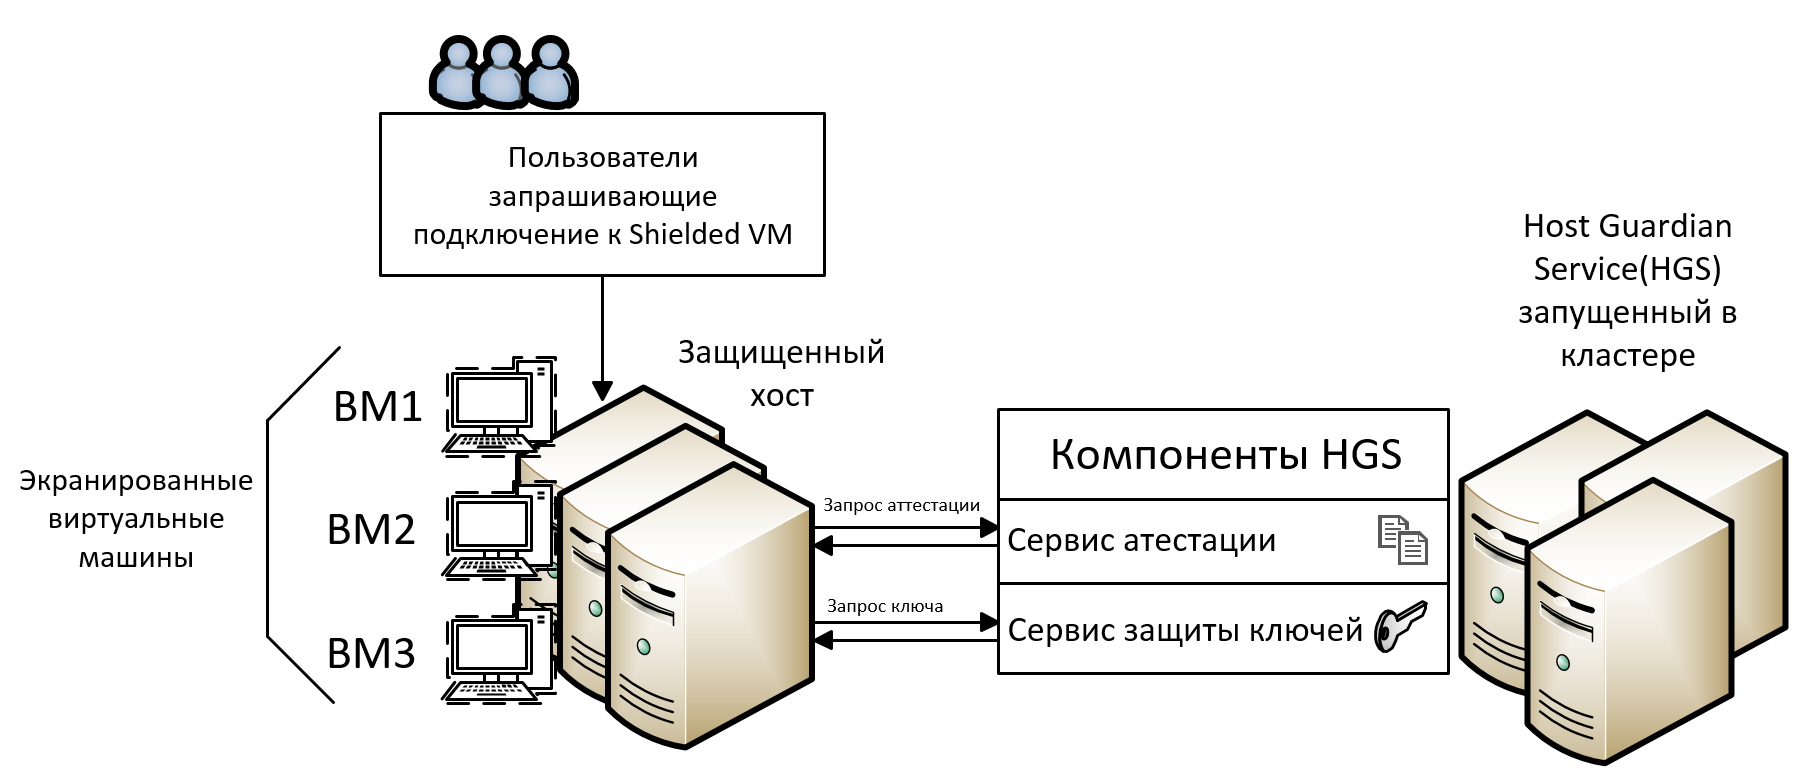 Защита виртуальных машин, размещенных в дата центре - 2